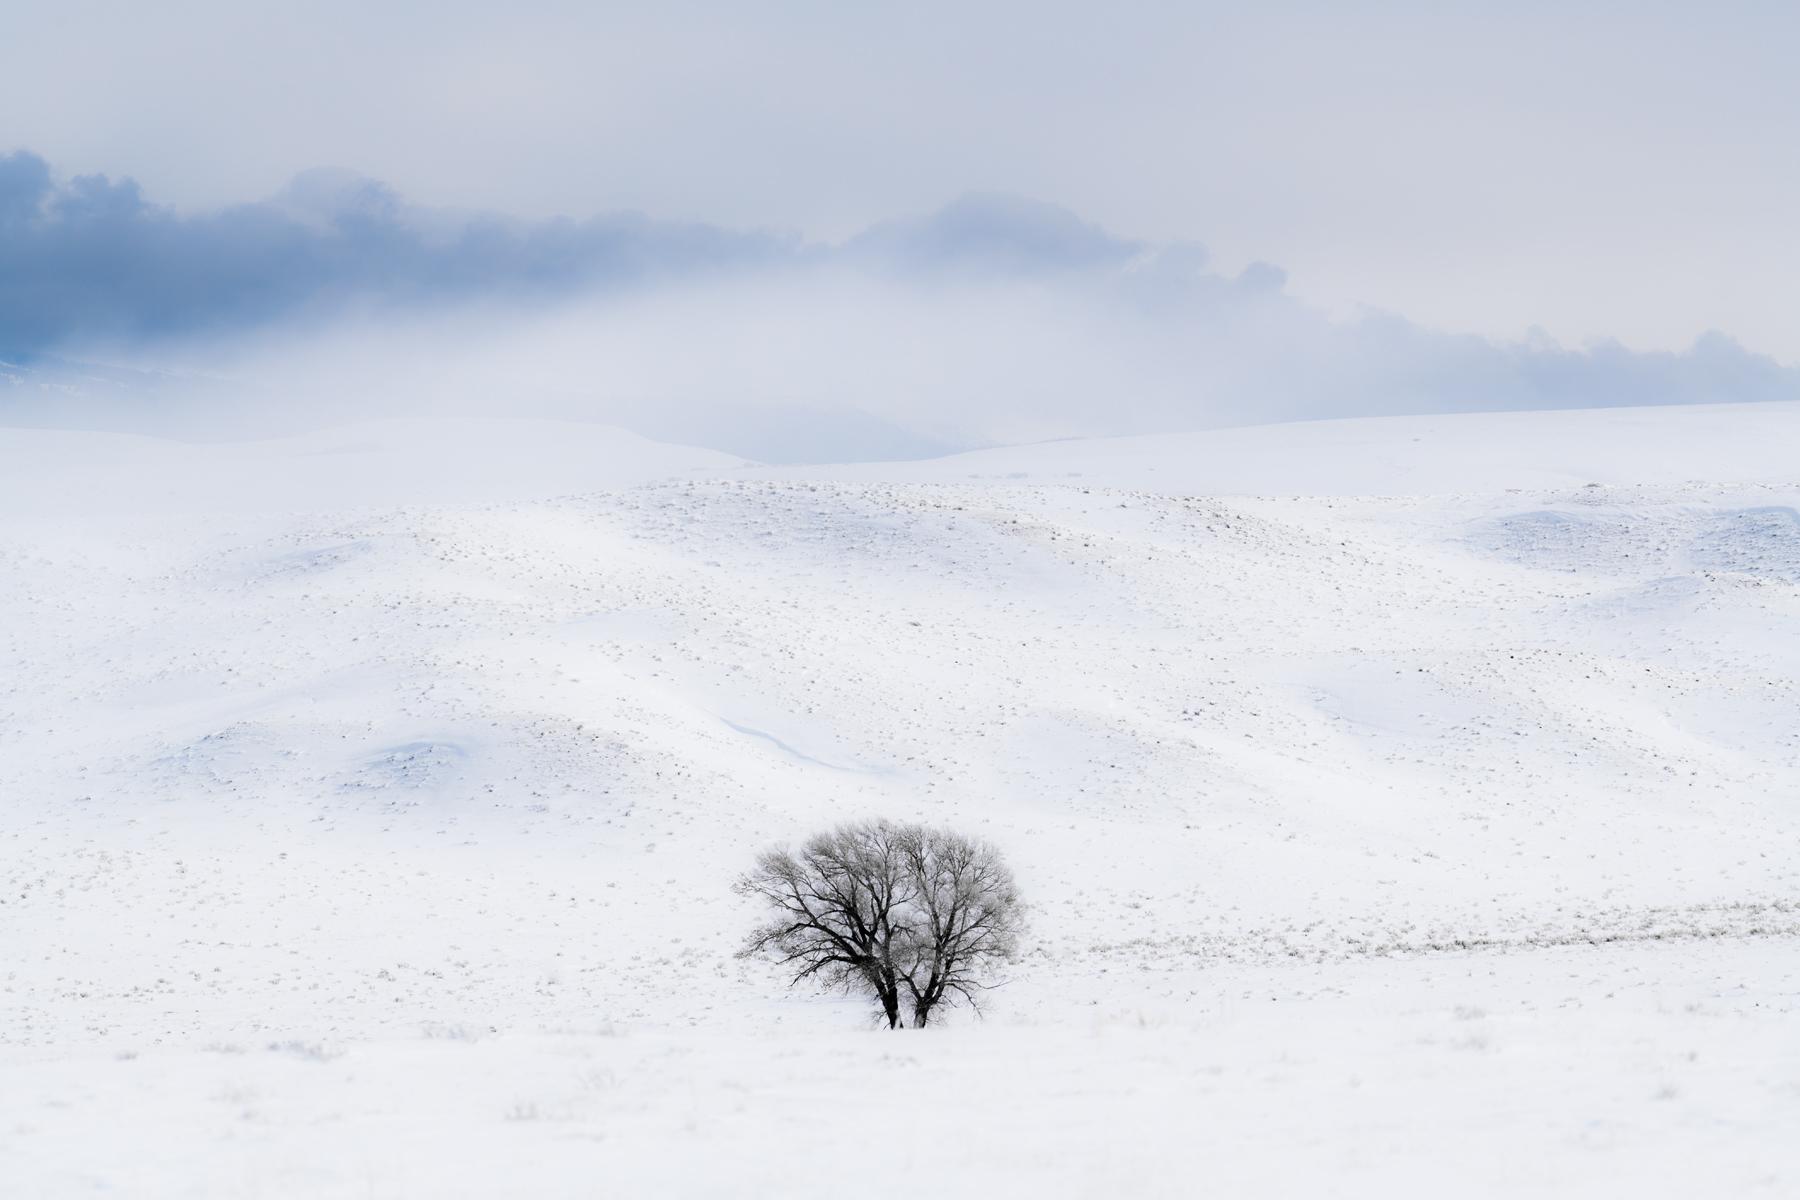 Single Tree in Snowy Hills